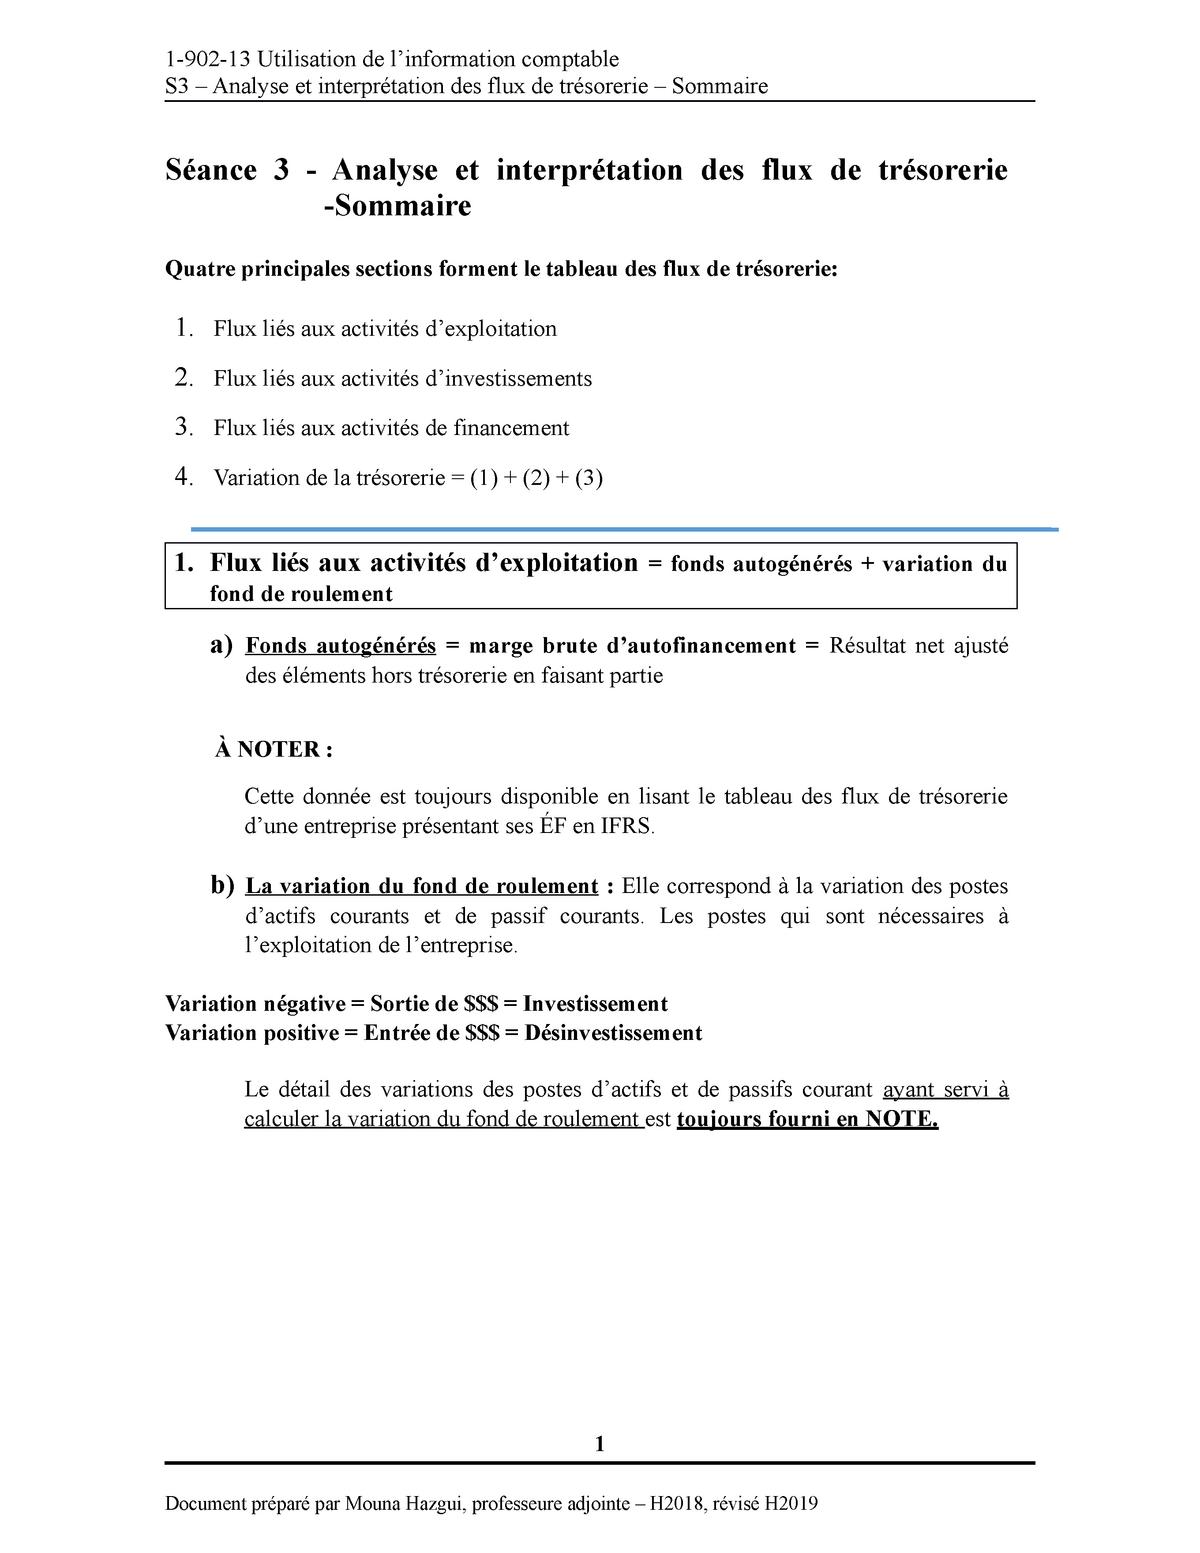 Analyse Et Terpretation Du Tableau Des Flux De Tresorerie Sommaire Studocu